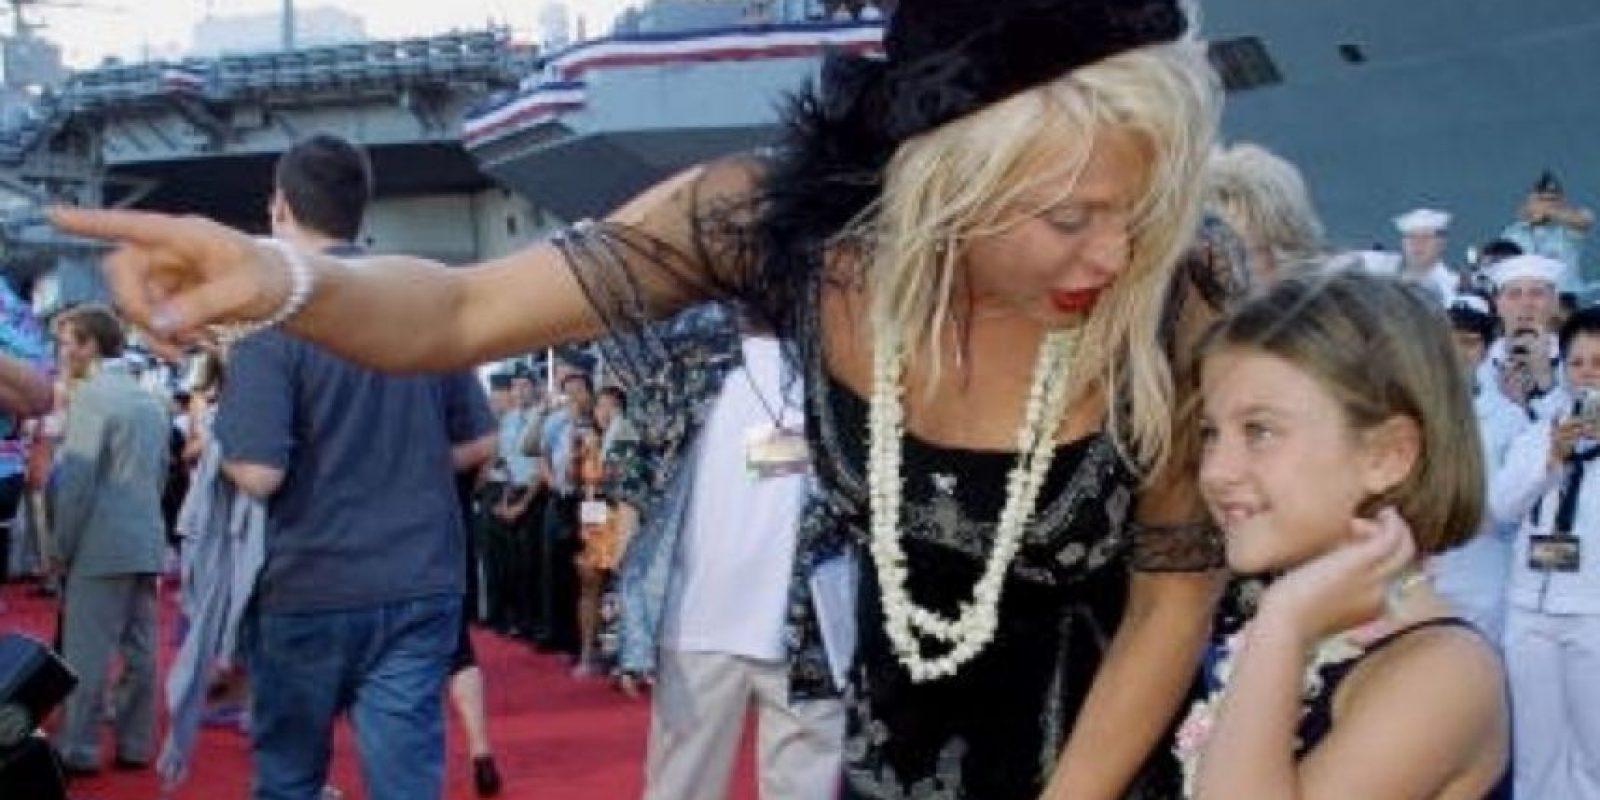 Sobre todo cuando Courtney Love acusó a Dave Grohl de tener una relación con ella. Foto:vía Getty Images